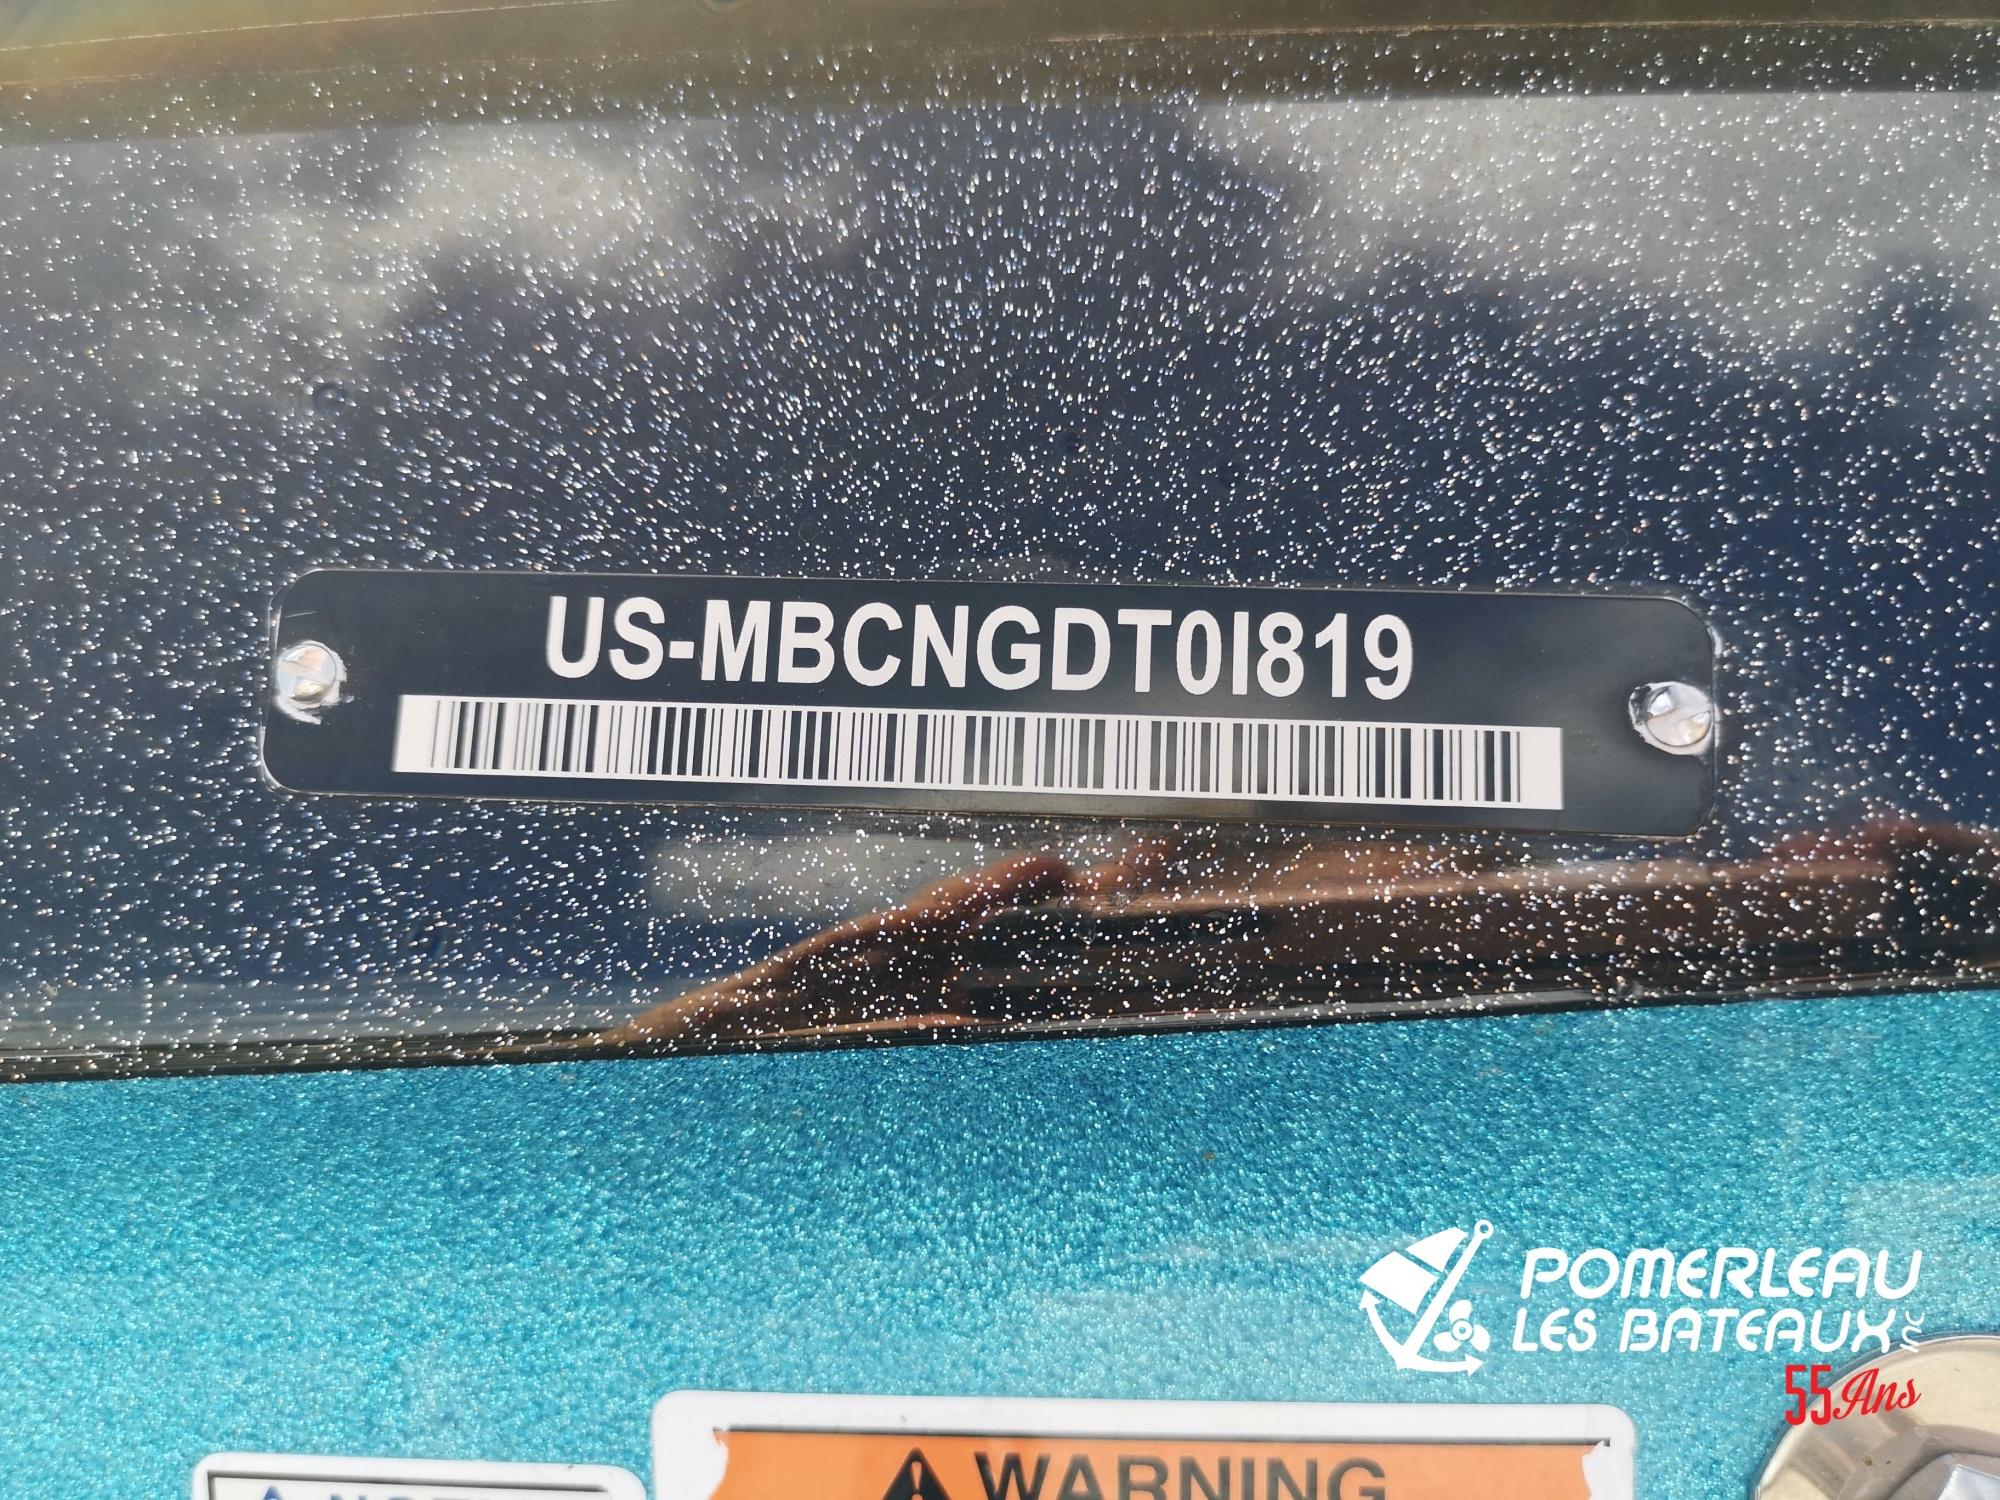 Mastercraft X22 - IMG_20210727_155014